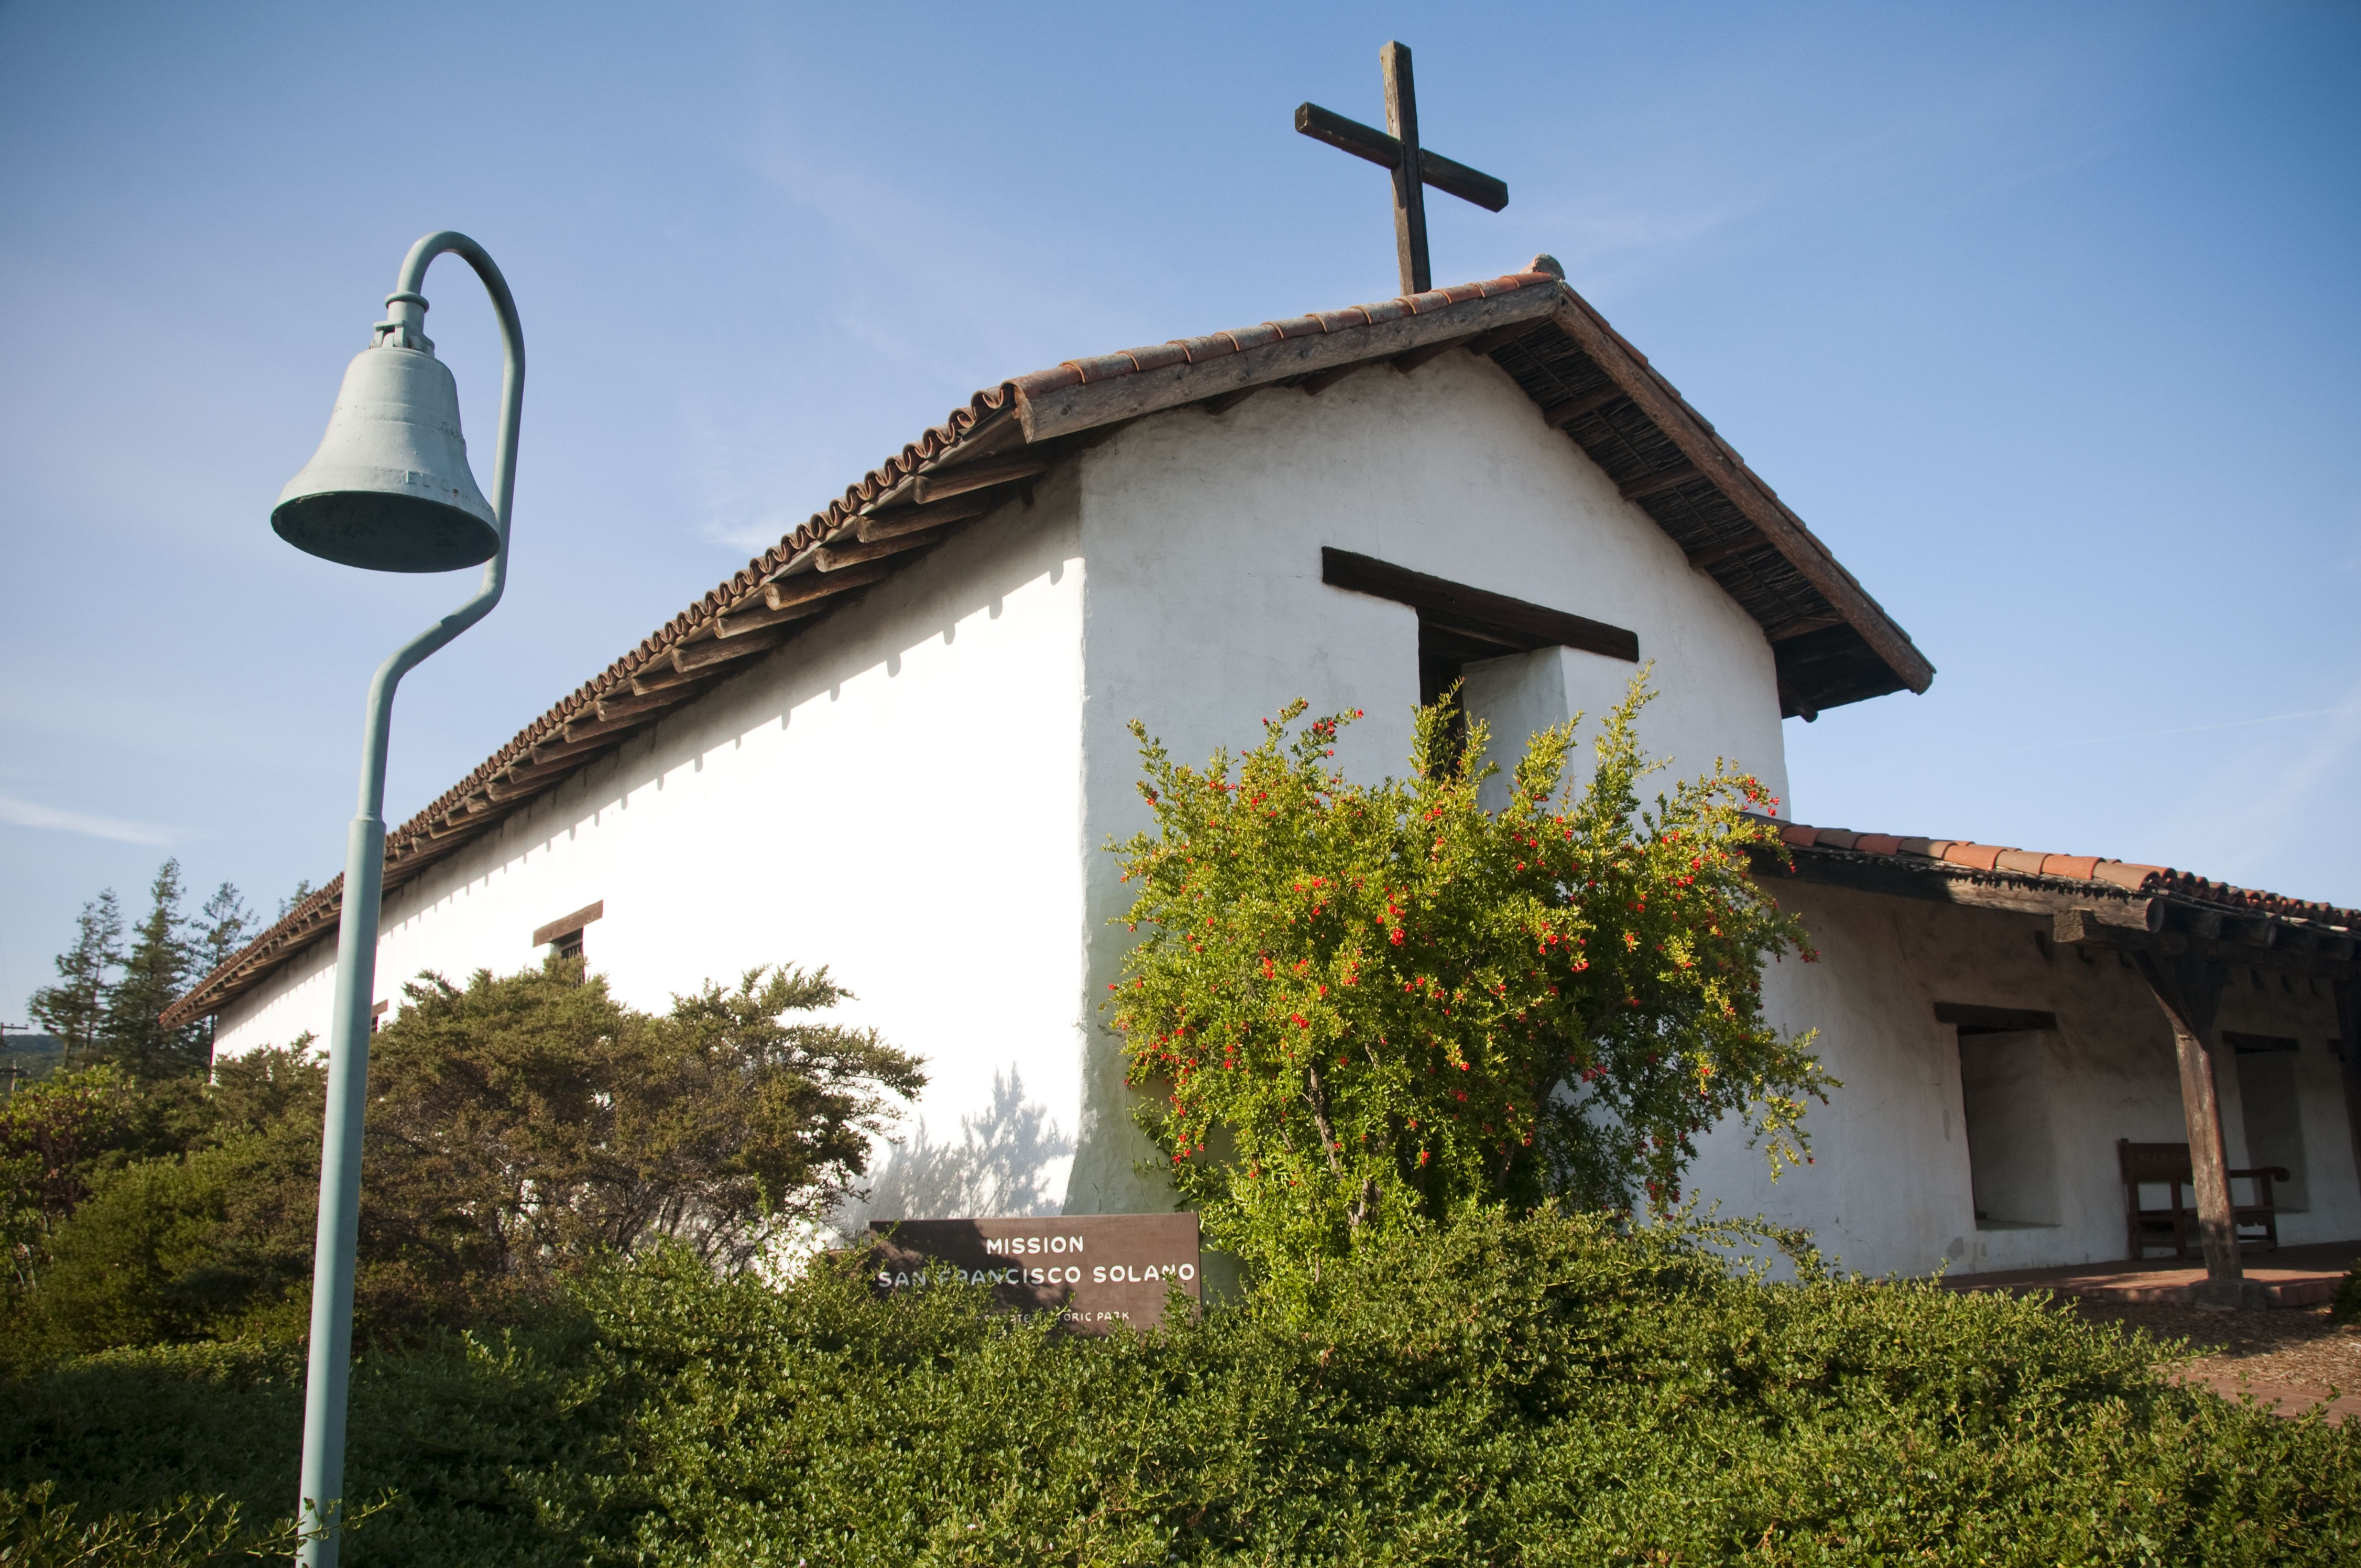 Mission San Francisco Solano in Sonoma, CA.